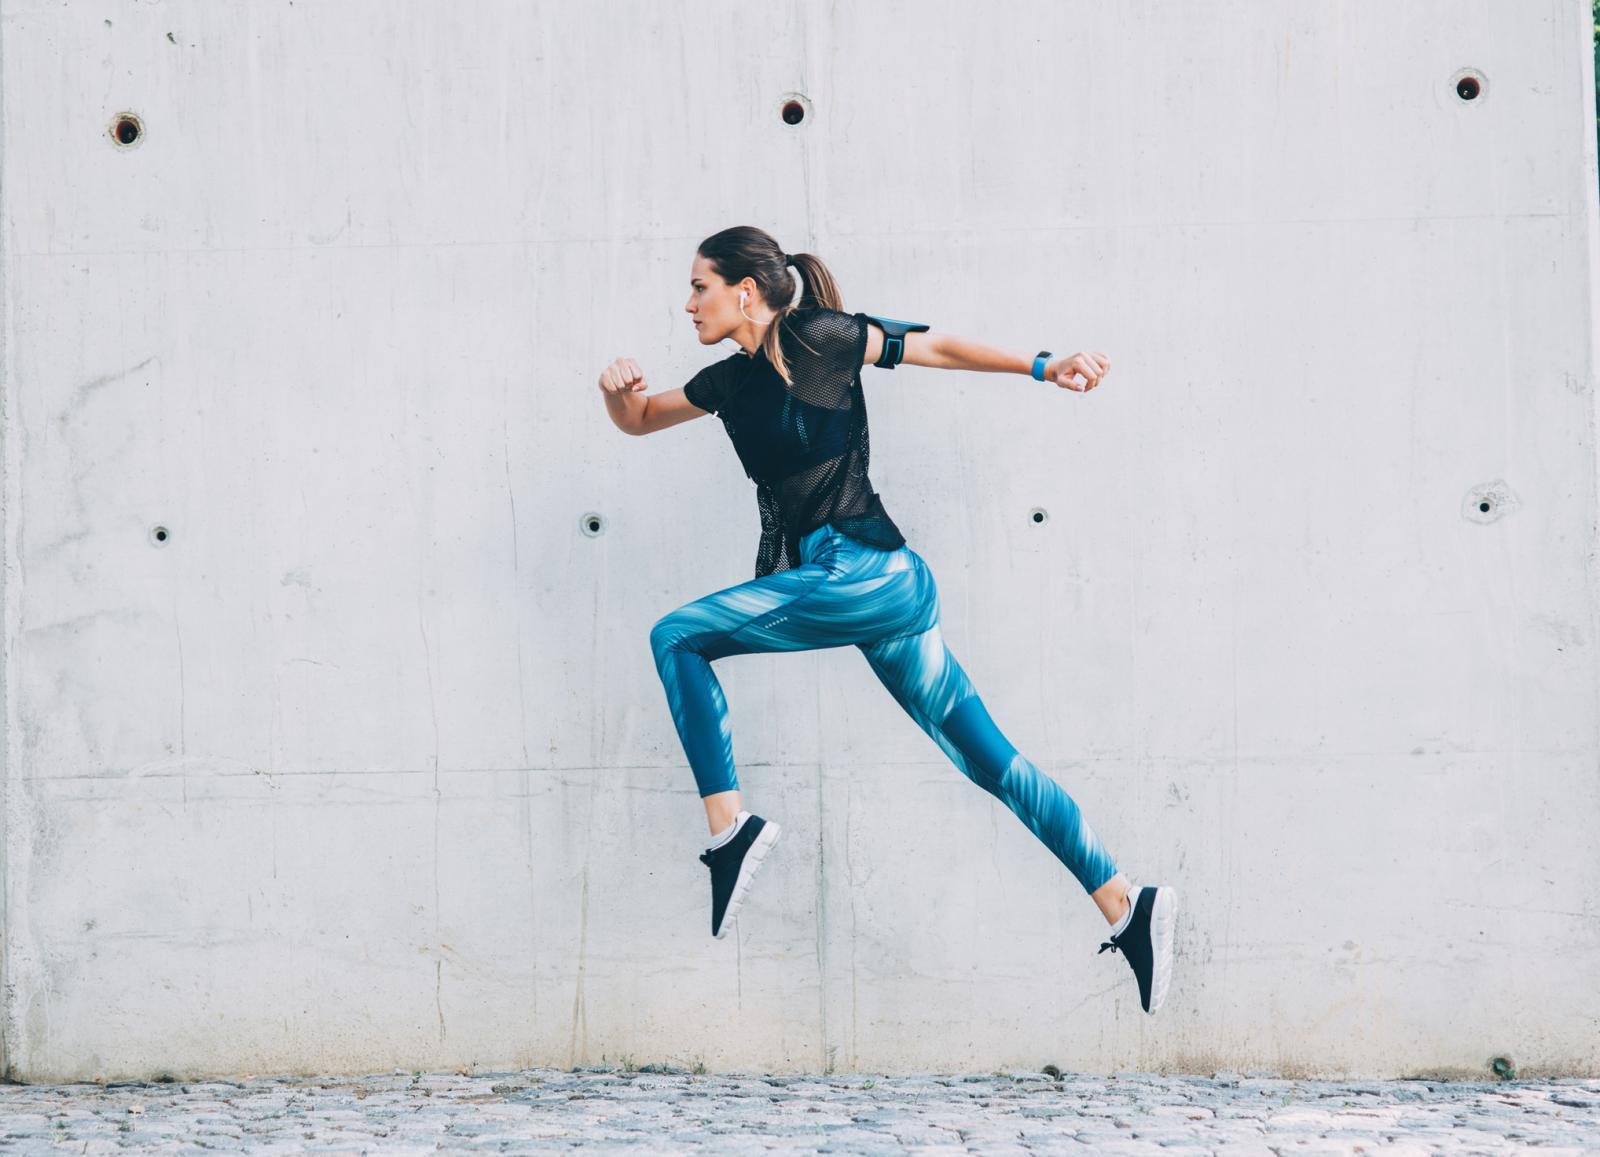 Zbog fizičke aktivnosti se znojimo više nego inače, a to znači da gubimo veće količine natrija, kalija, kalcija i magnezija.